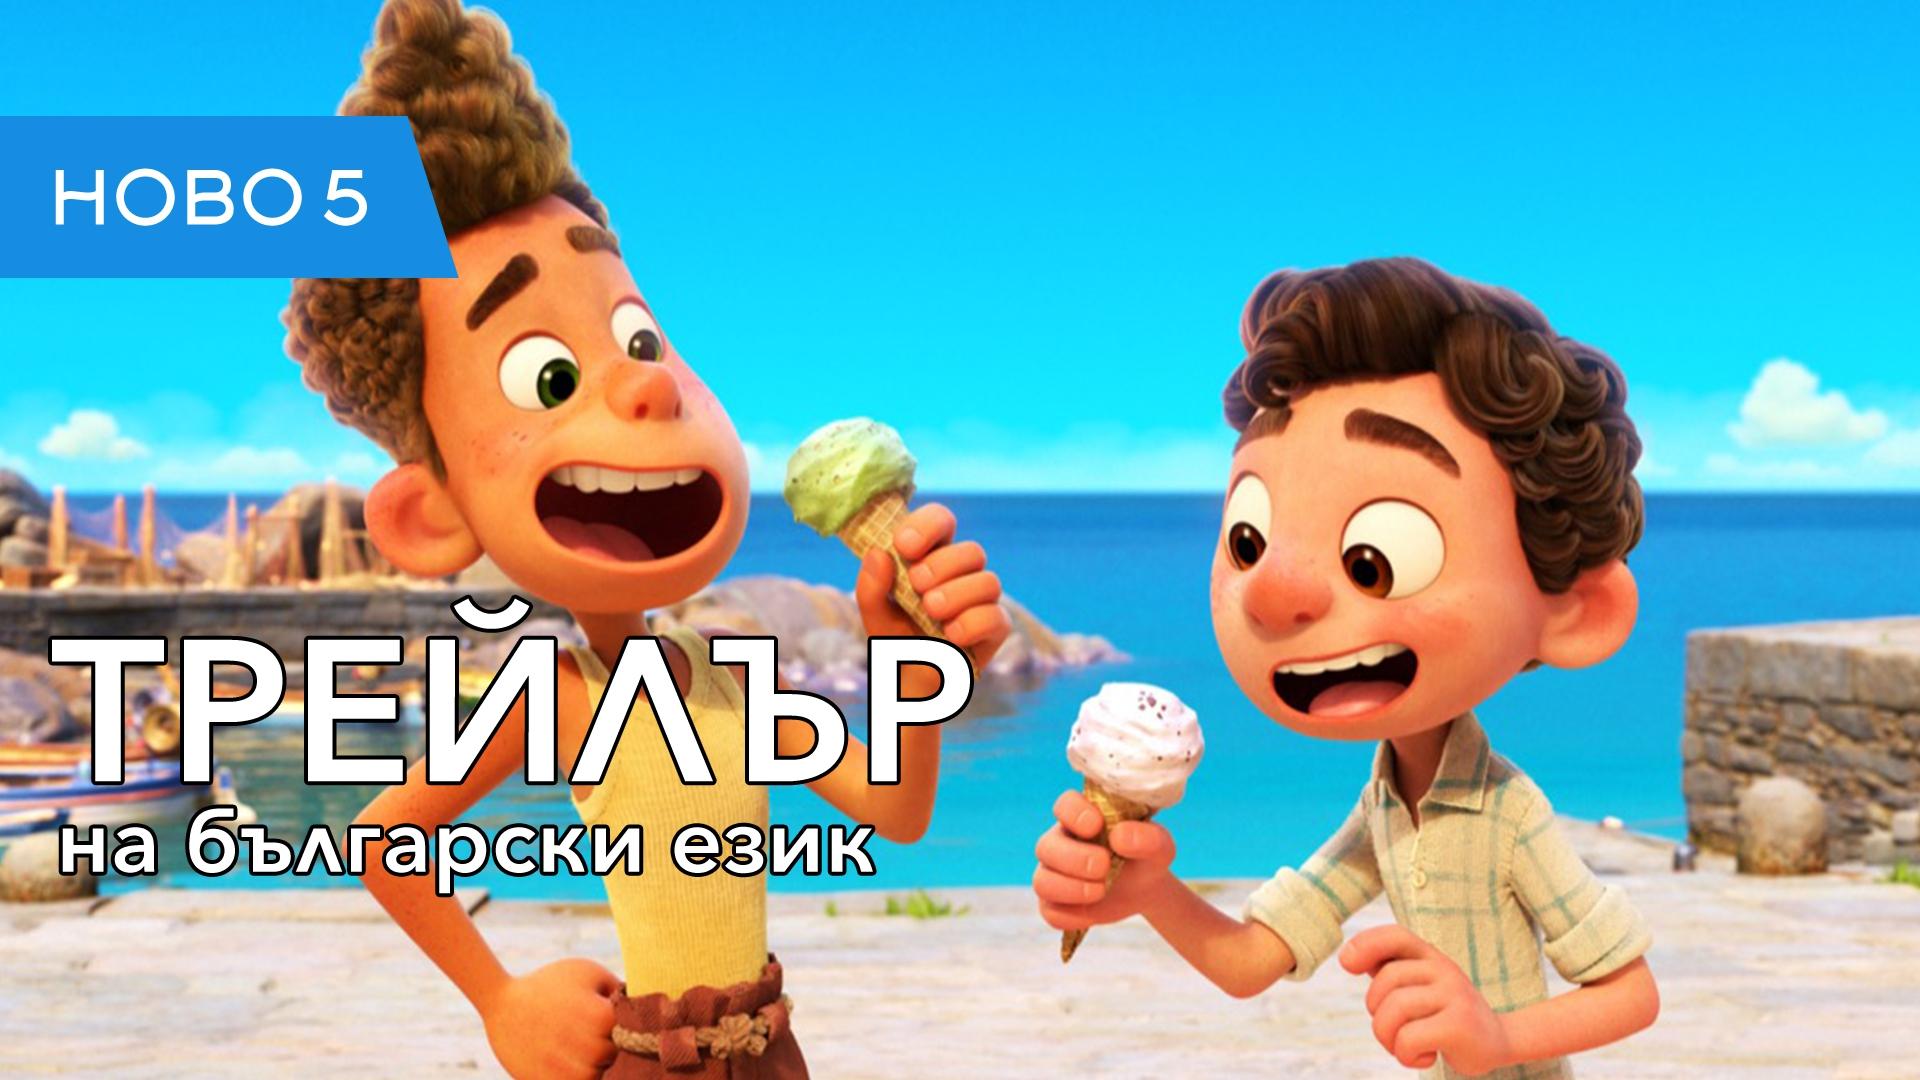 Лятното приключение на Лука (2021) трейлър на български език